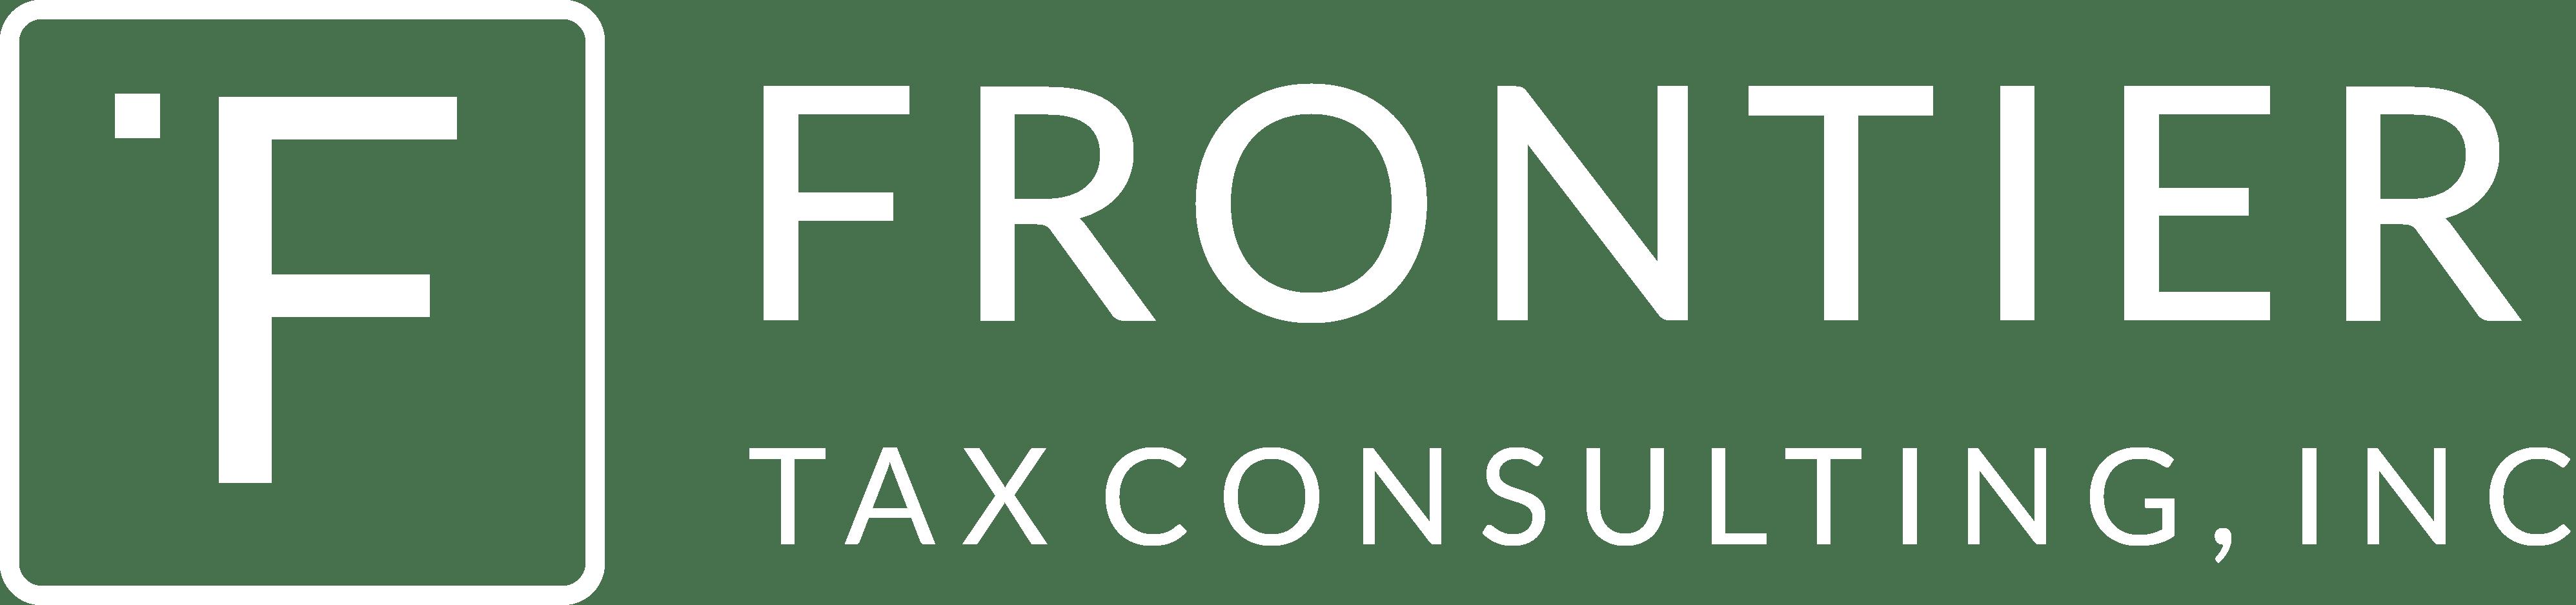 蓝海会计师事务所 | Frontier Tax Consulting